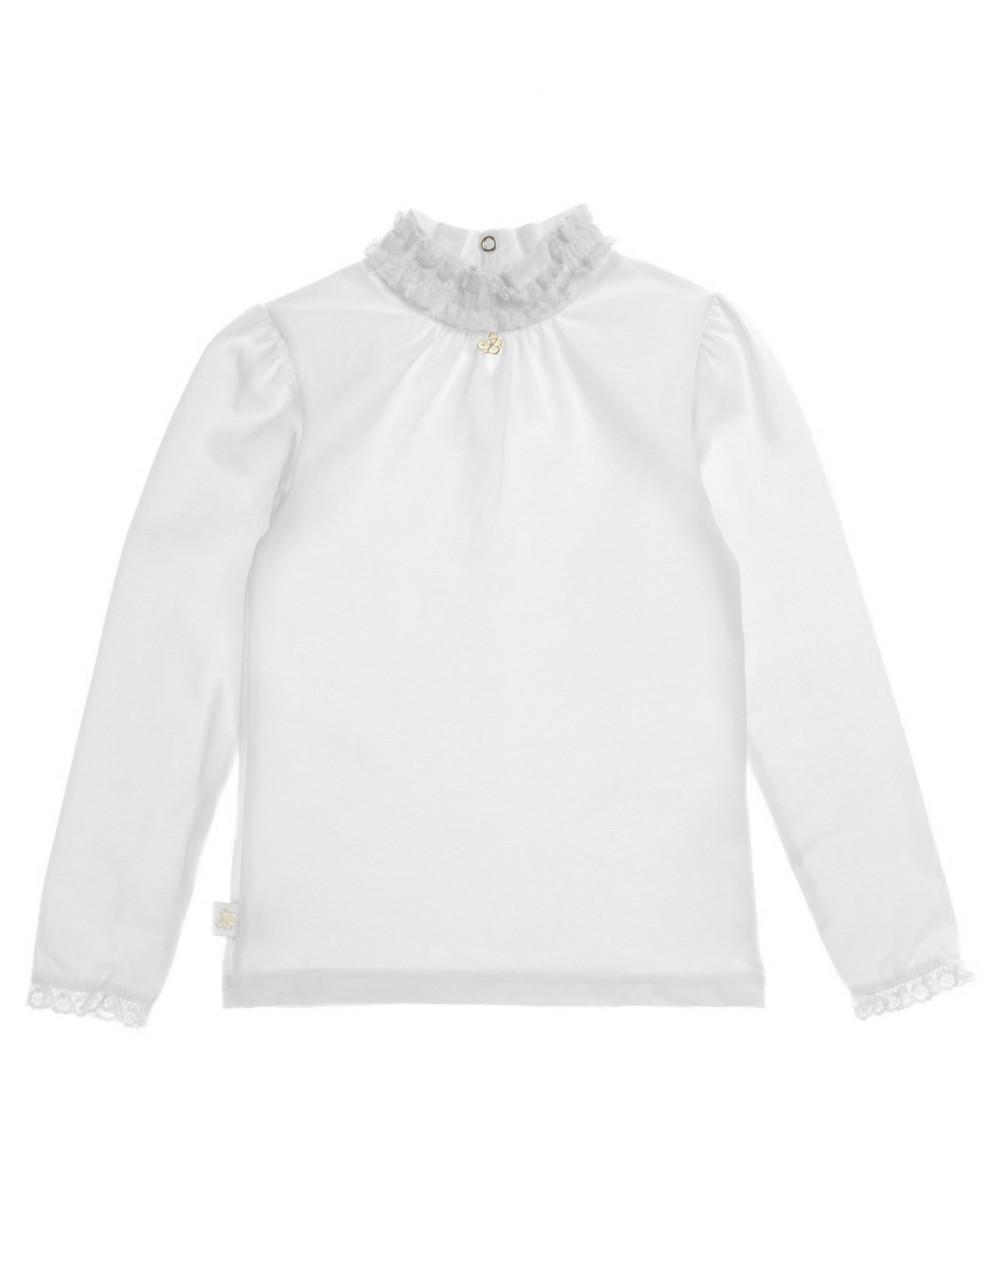 Гольф блуза для девочки с длинным рукавом, белый, SMIL (Смил), Украина 152 158